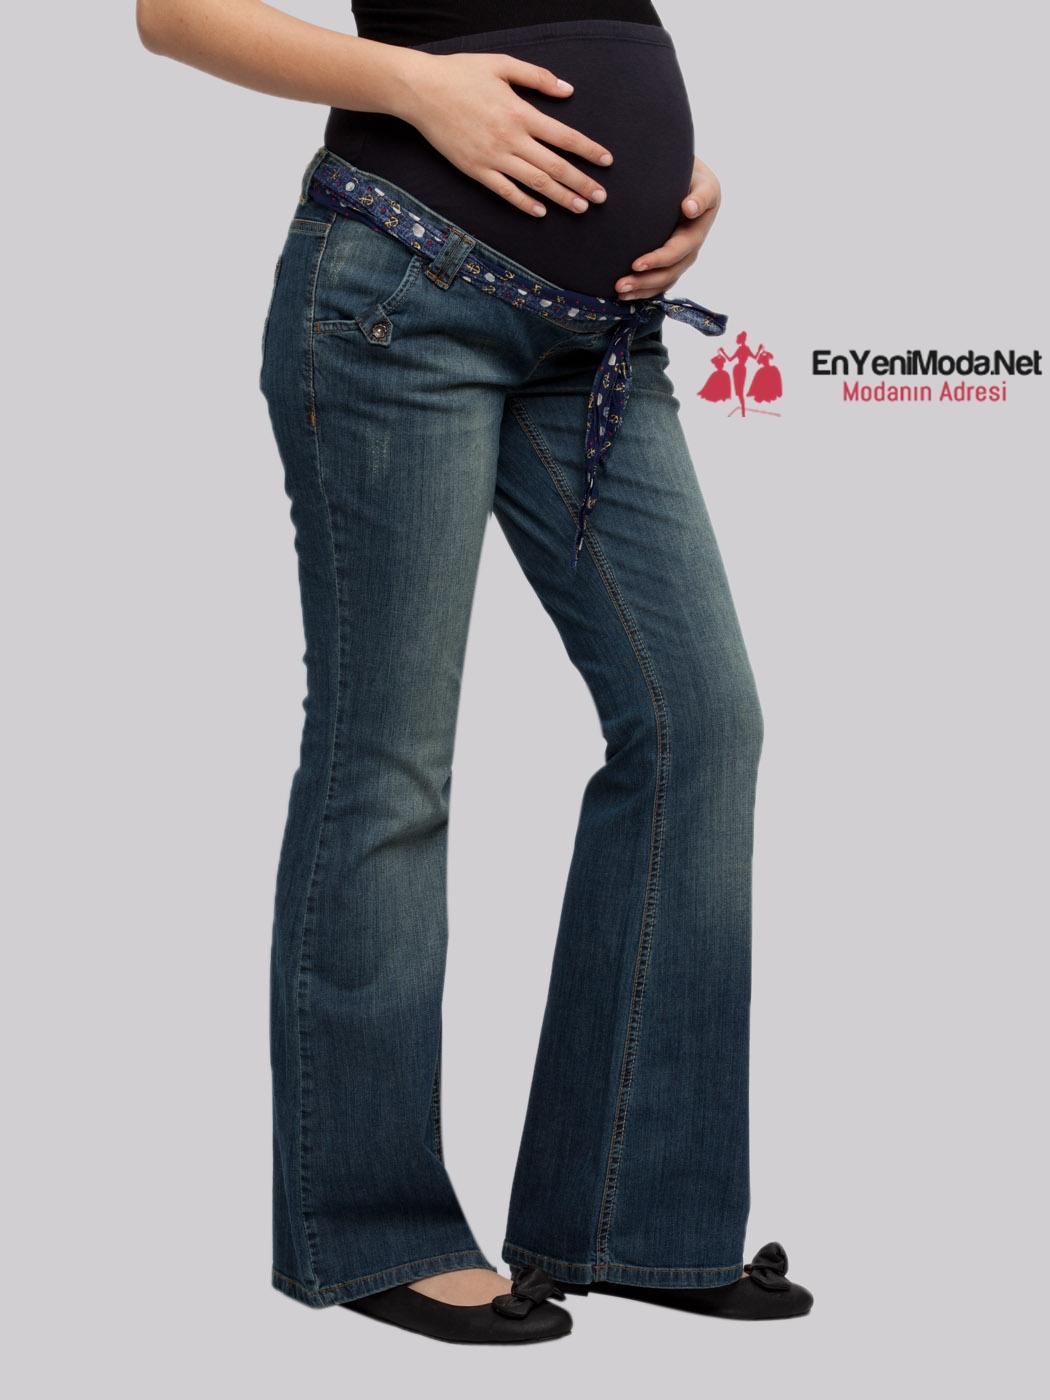 ipli-Hamile-Kot-Pantolon-Modelleri